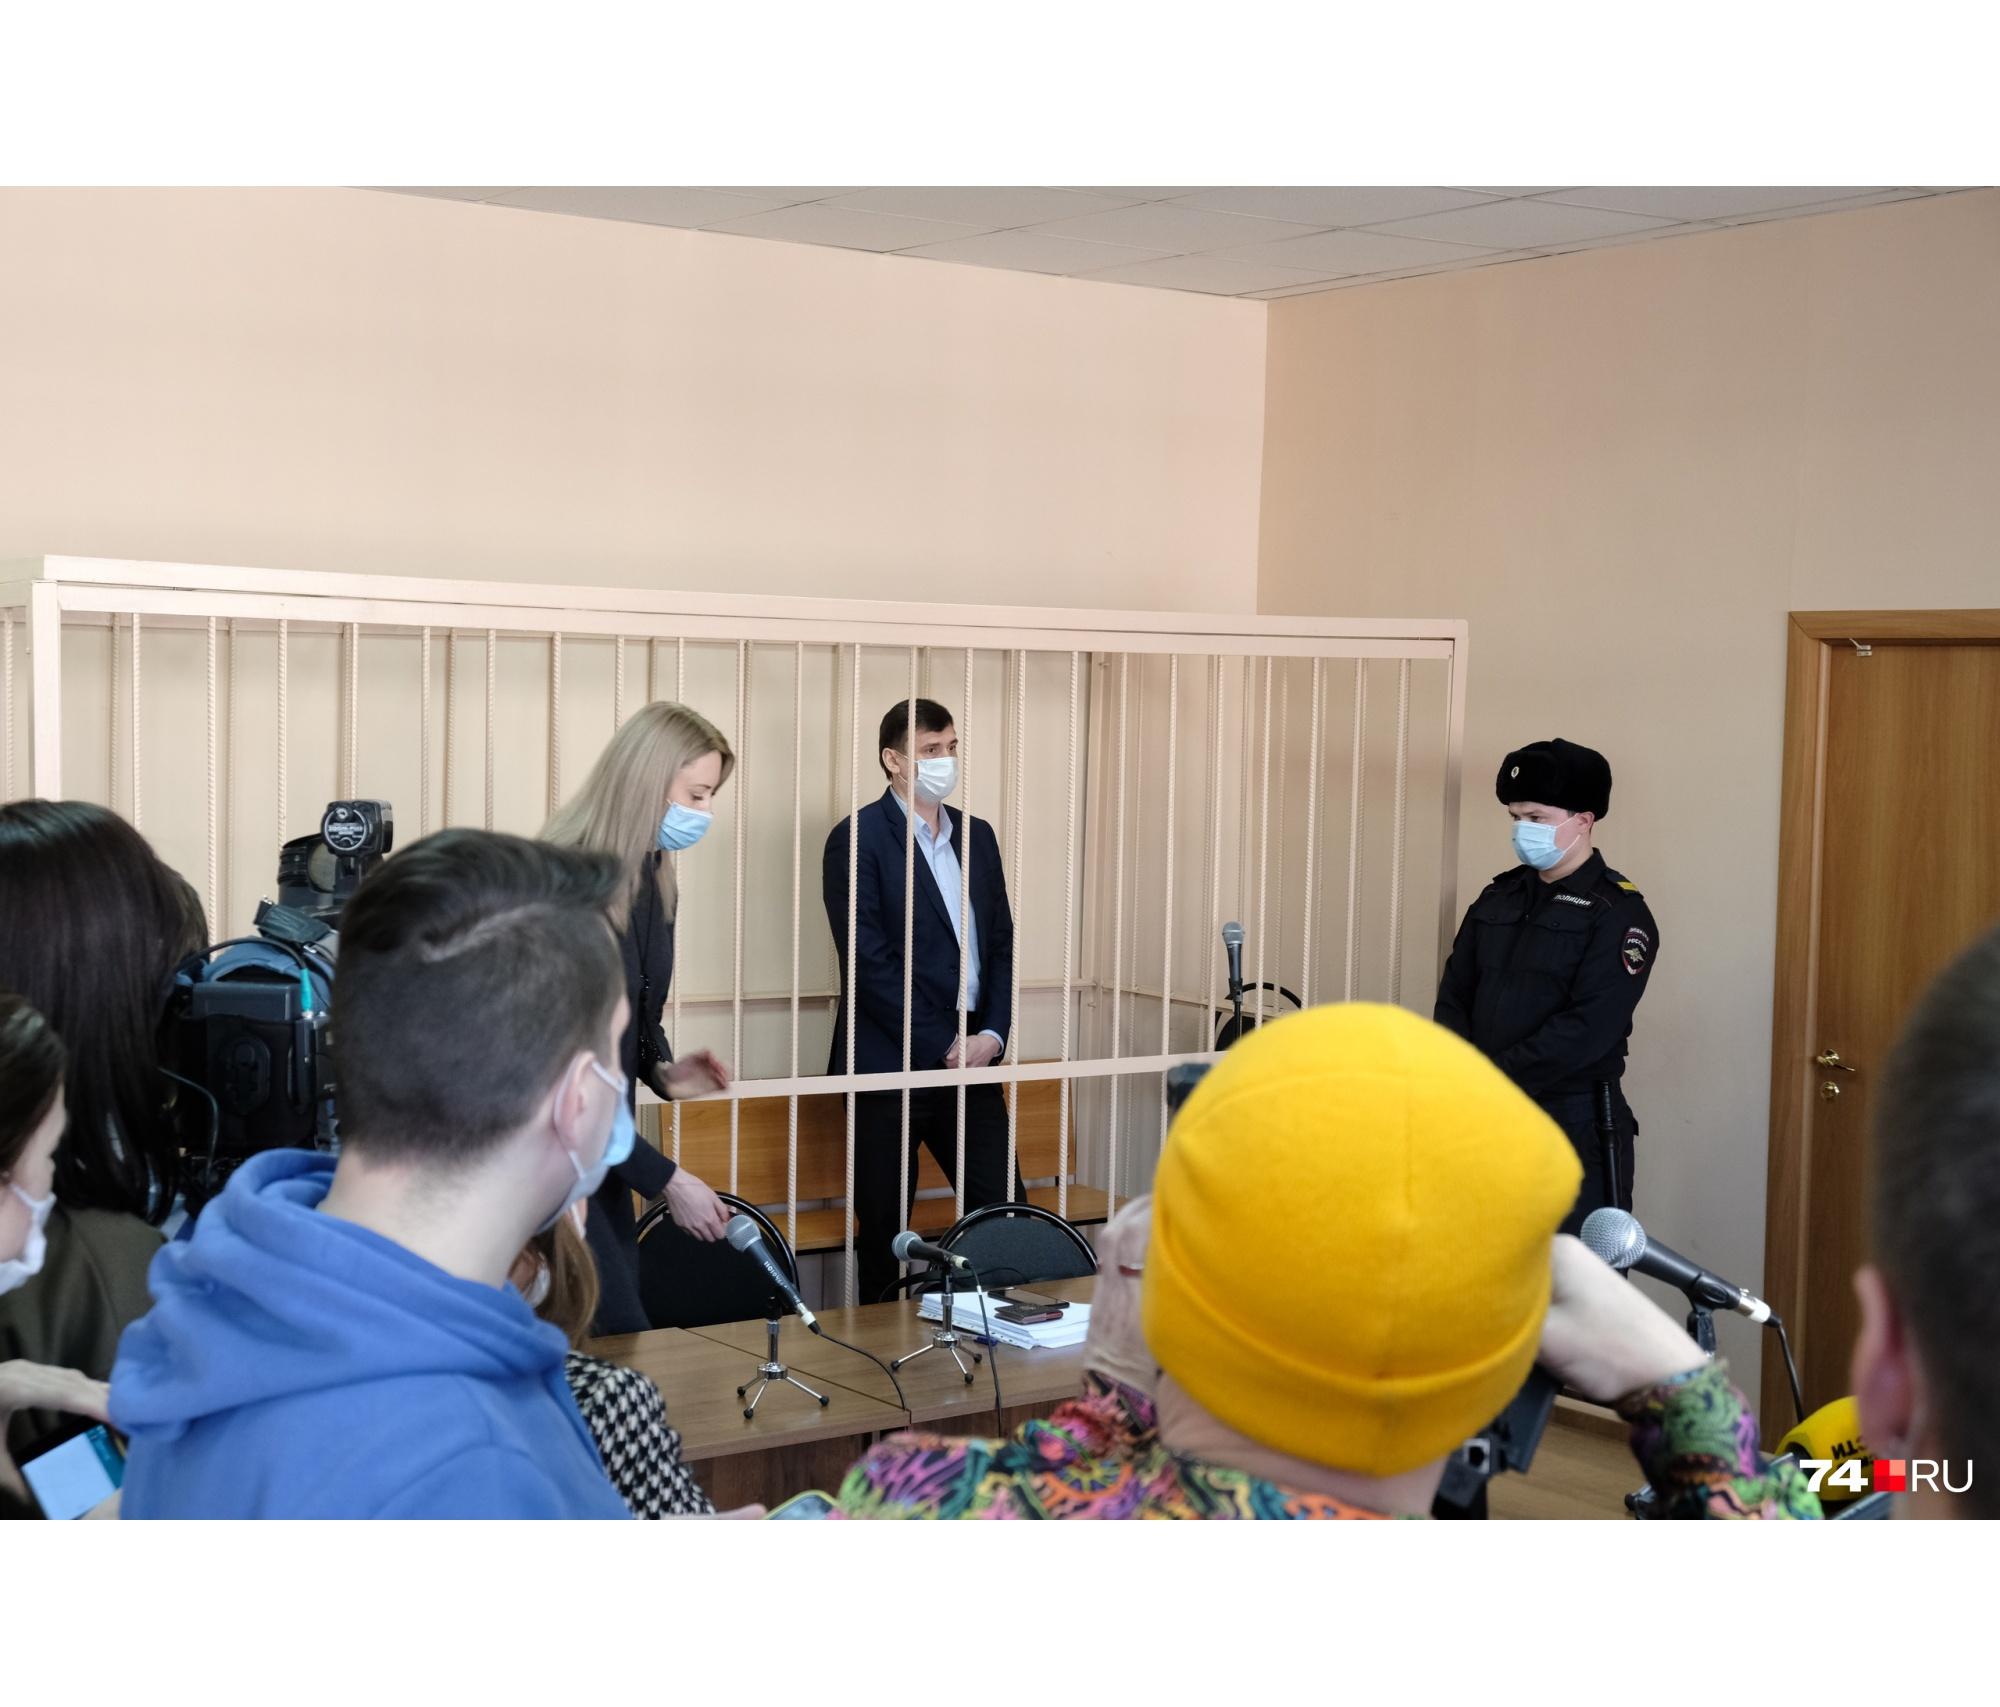 Олег Извеков и его адвокат просили о домашнем аресте для чиновника